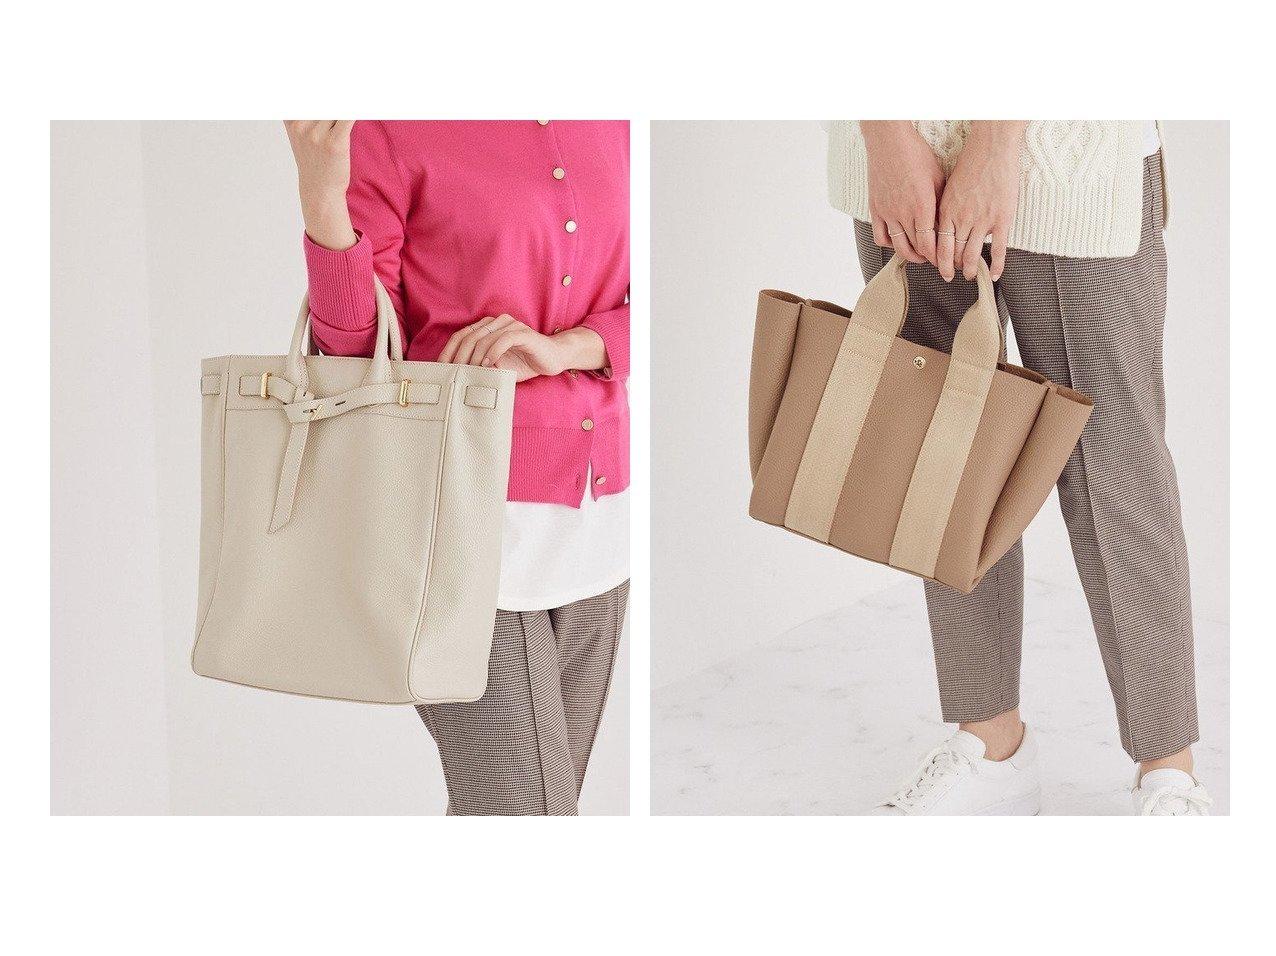 【ROPE'/ロペ】の【新色追加】トグルベルトレザートート&in bag 付きトートバッグ ROPEのおすすめ!人気、トレンド・レディースファッションの通販 おすすめで人気の流行・トレンド、ファッションの通販商品 メンズファッション・キッズファッション・インテリア・家具・レディースファッション・服の通販 founy(ファニー) https://founy.com/ ファッション Fashion レディースファッション WOMEN バッグ Bag ベルト Belts NEW・新作・新着・新入荷 New Arrivals トレンド フォルム 人気 シンプル チュール ベーシック 再入荷 Restock/Back in Stock/Re Arrival |ID:crp329100000020082